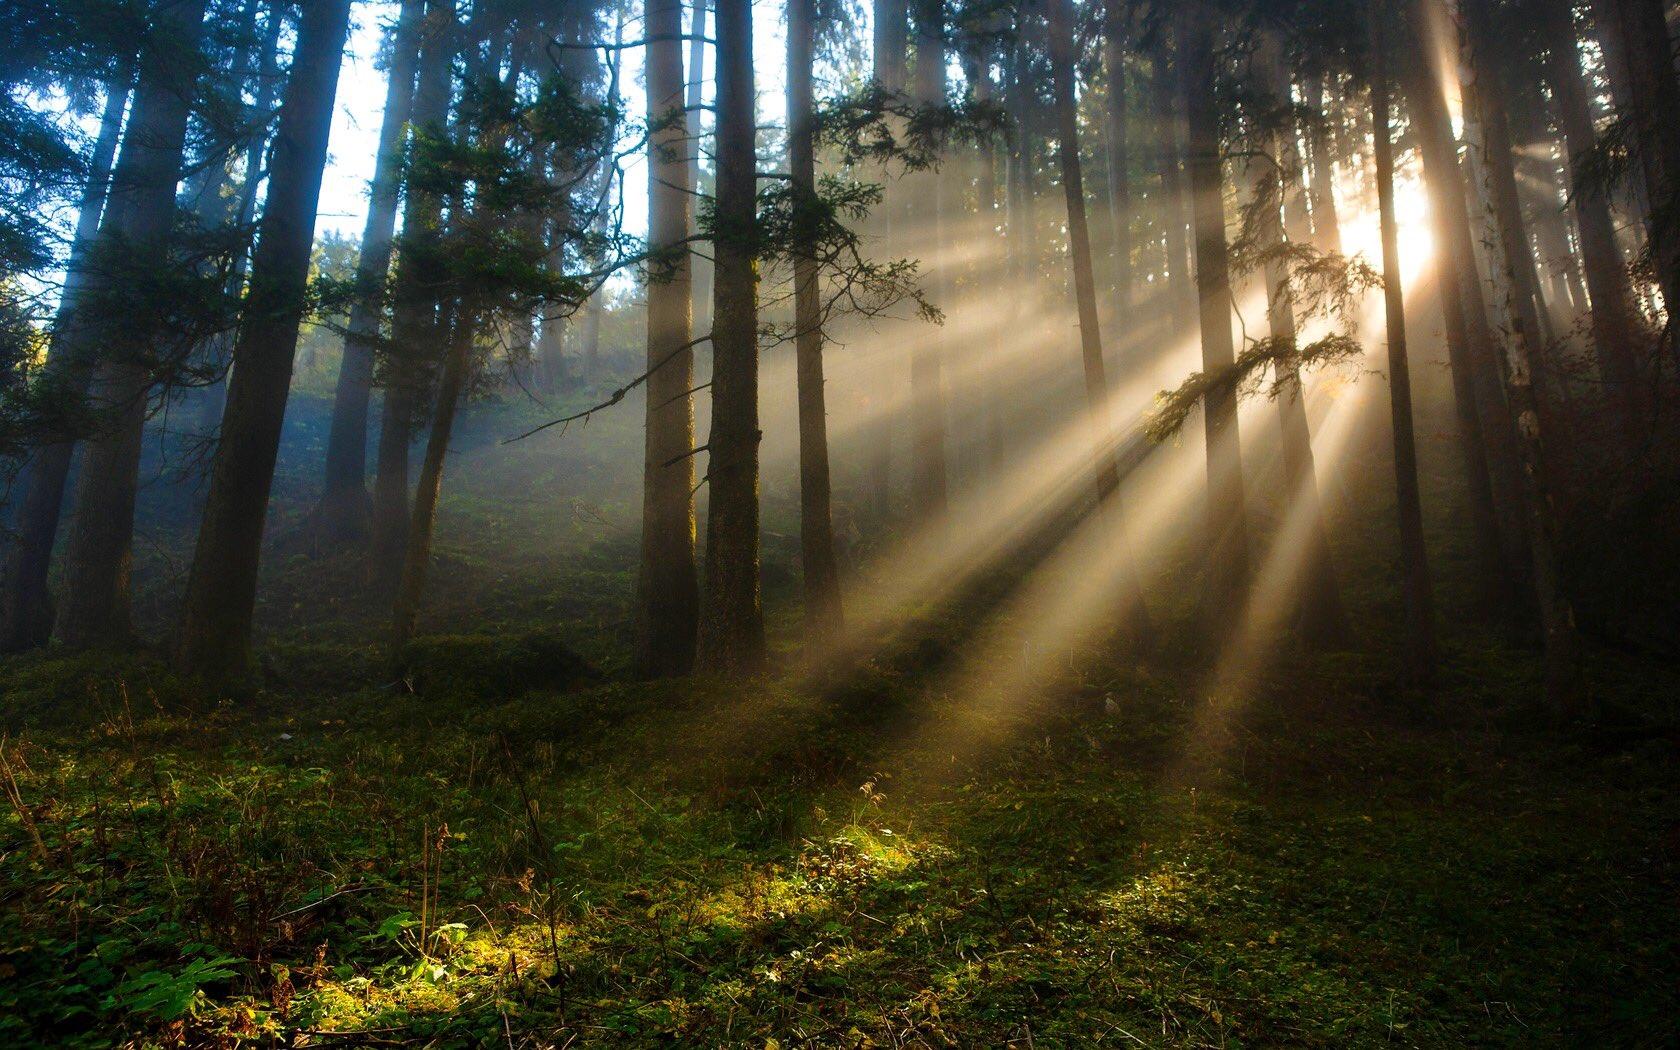 картинки лучи солнца в отличном качестве театральным